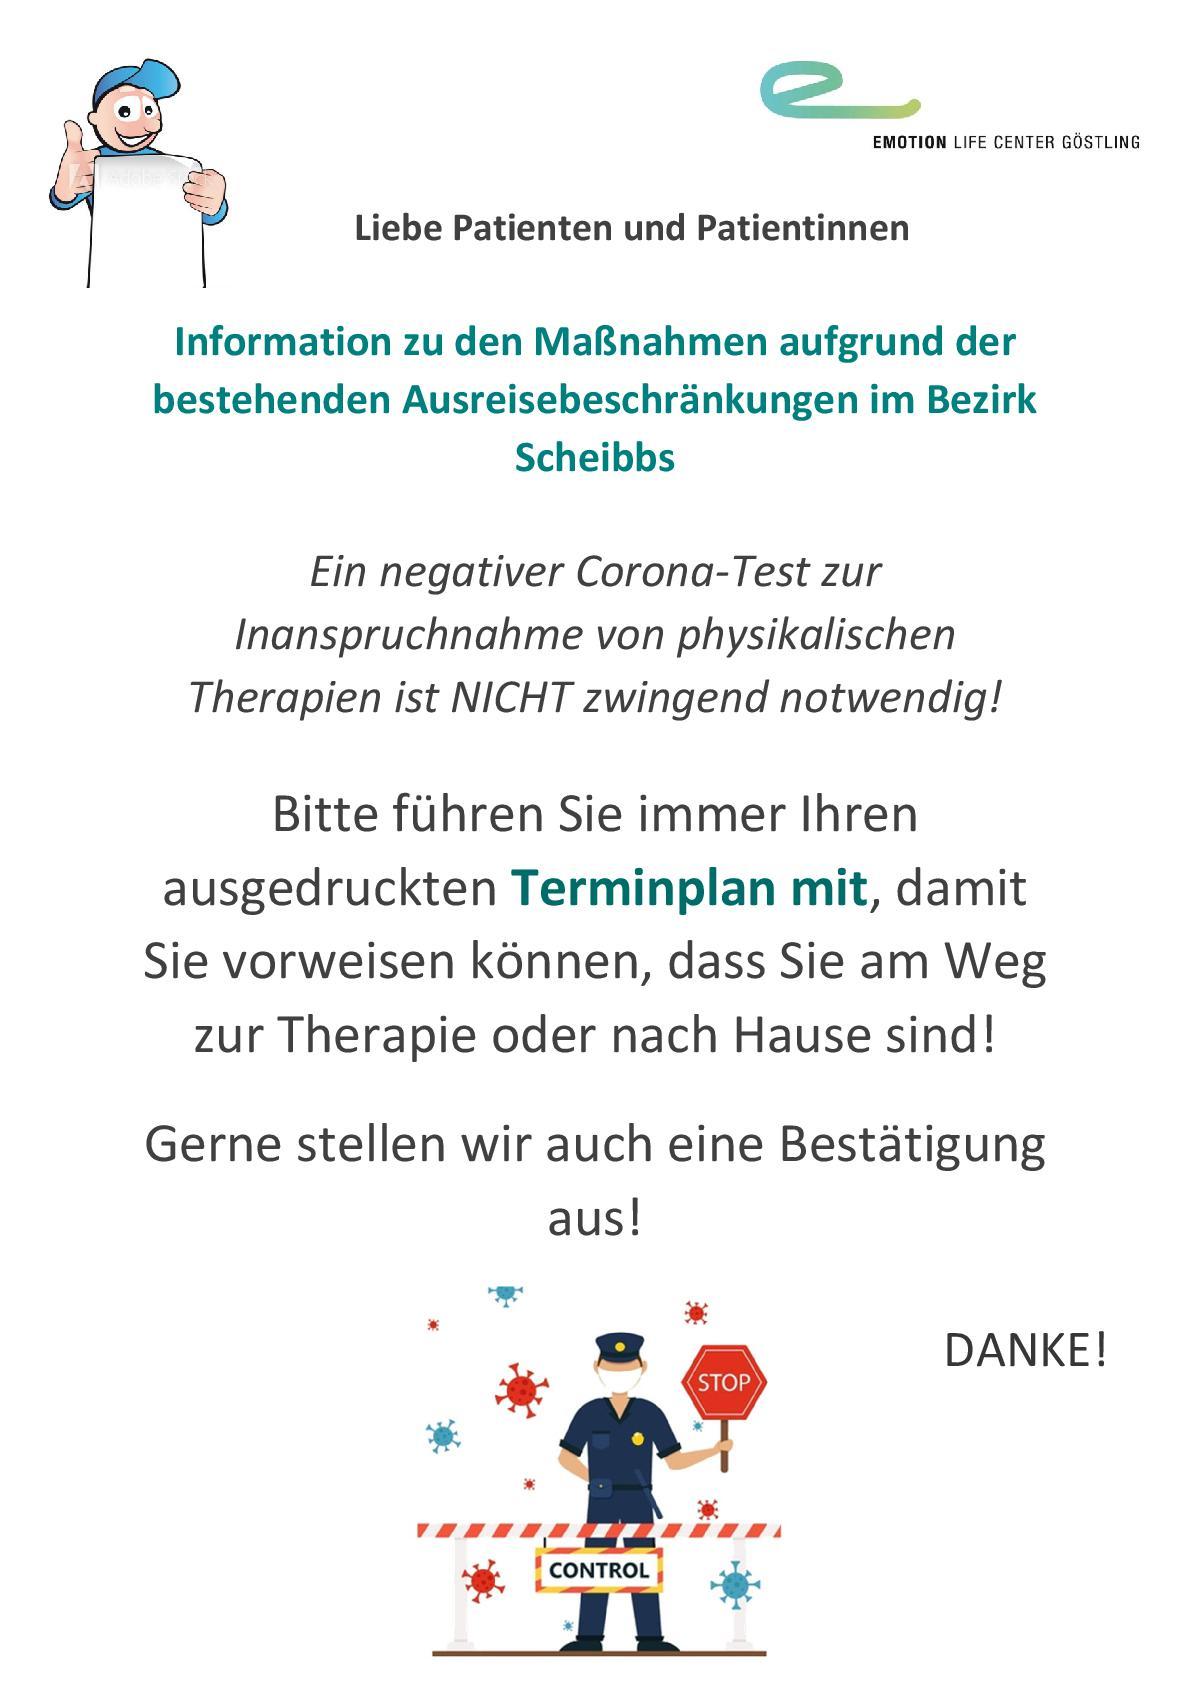 Ausreisekontrolle Bezirk Scheibbs_202104